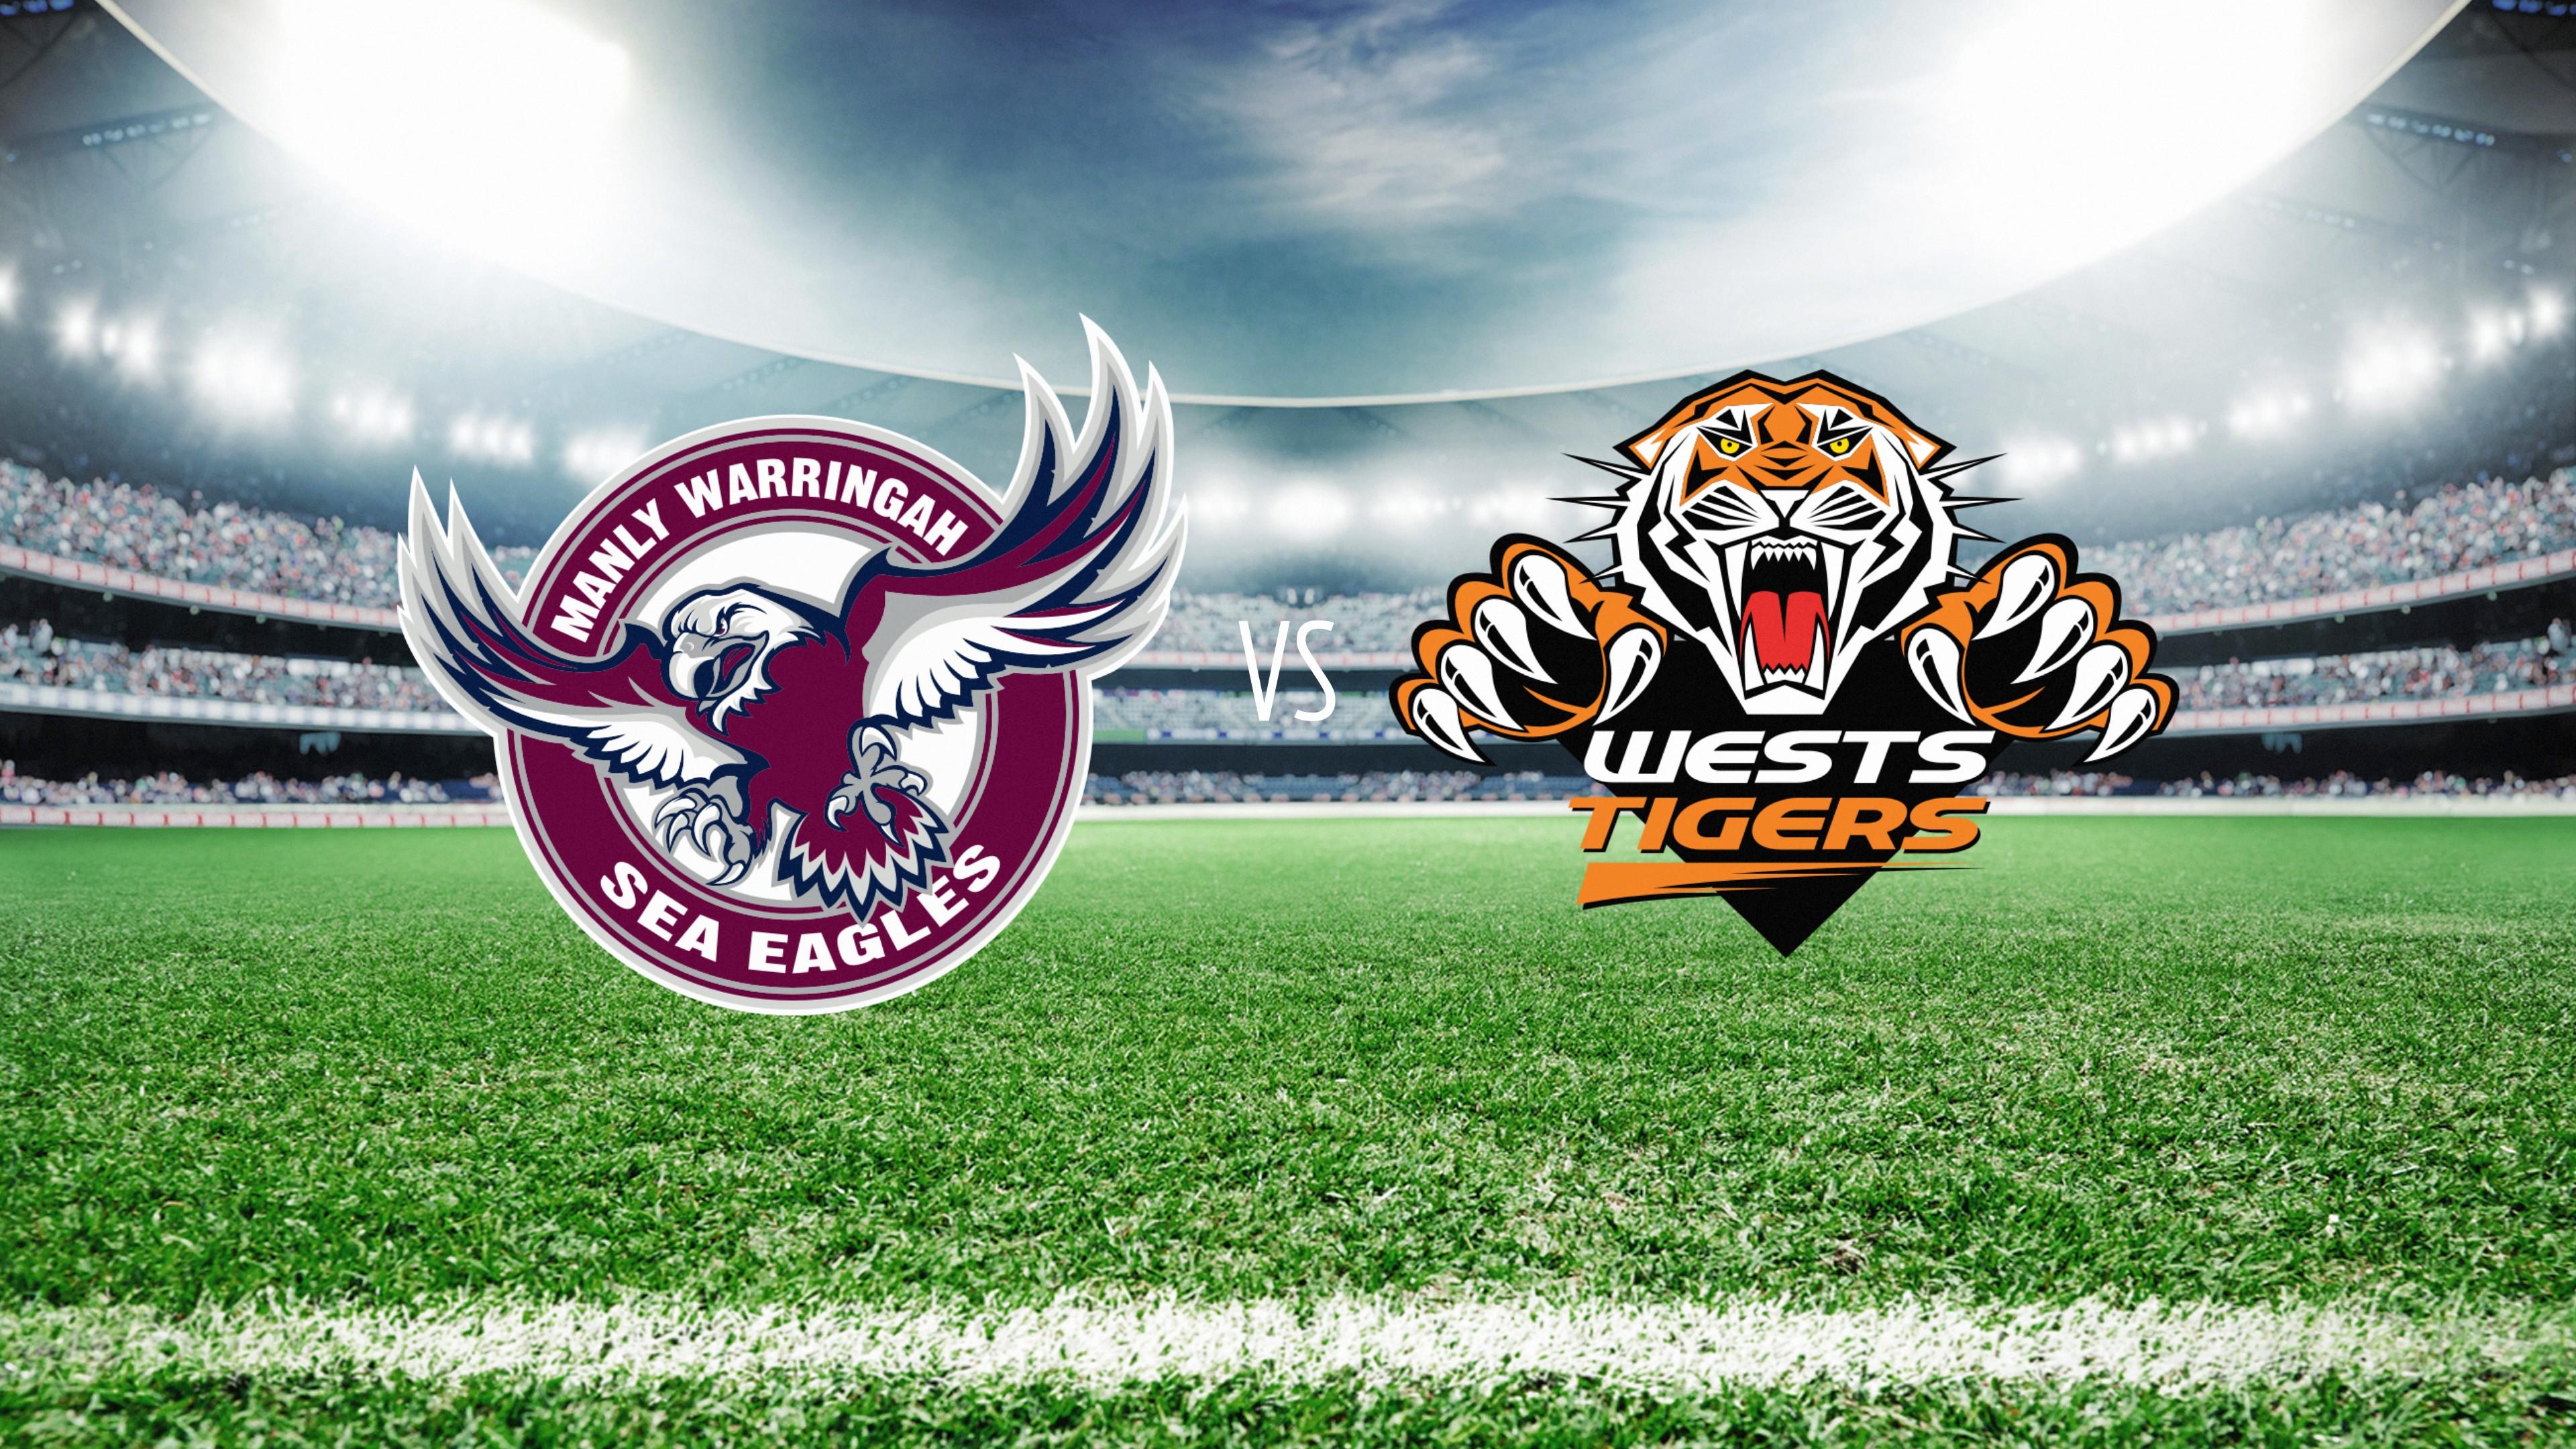 NRL Rugby - Melbourne Storm vs. Wests Tigers